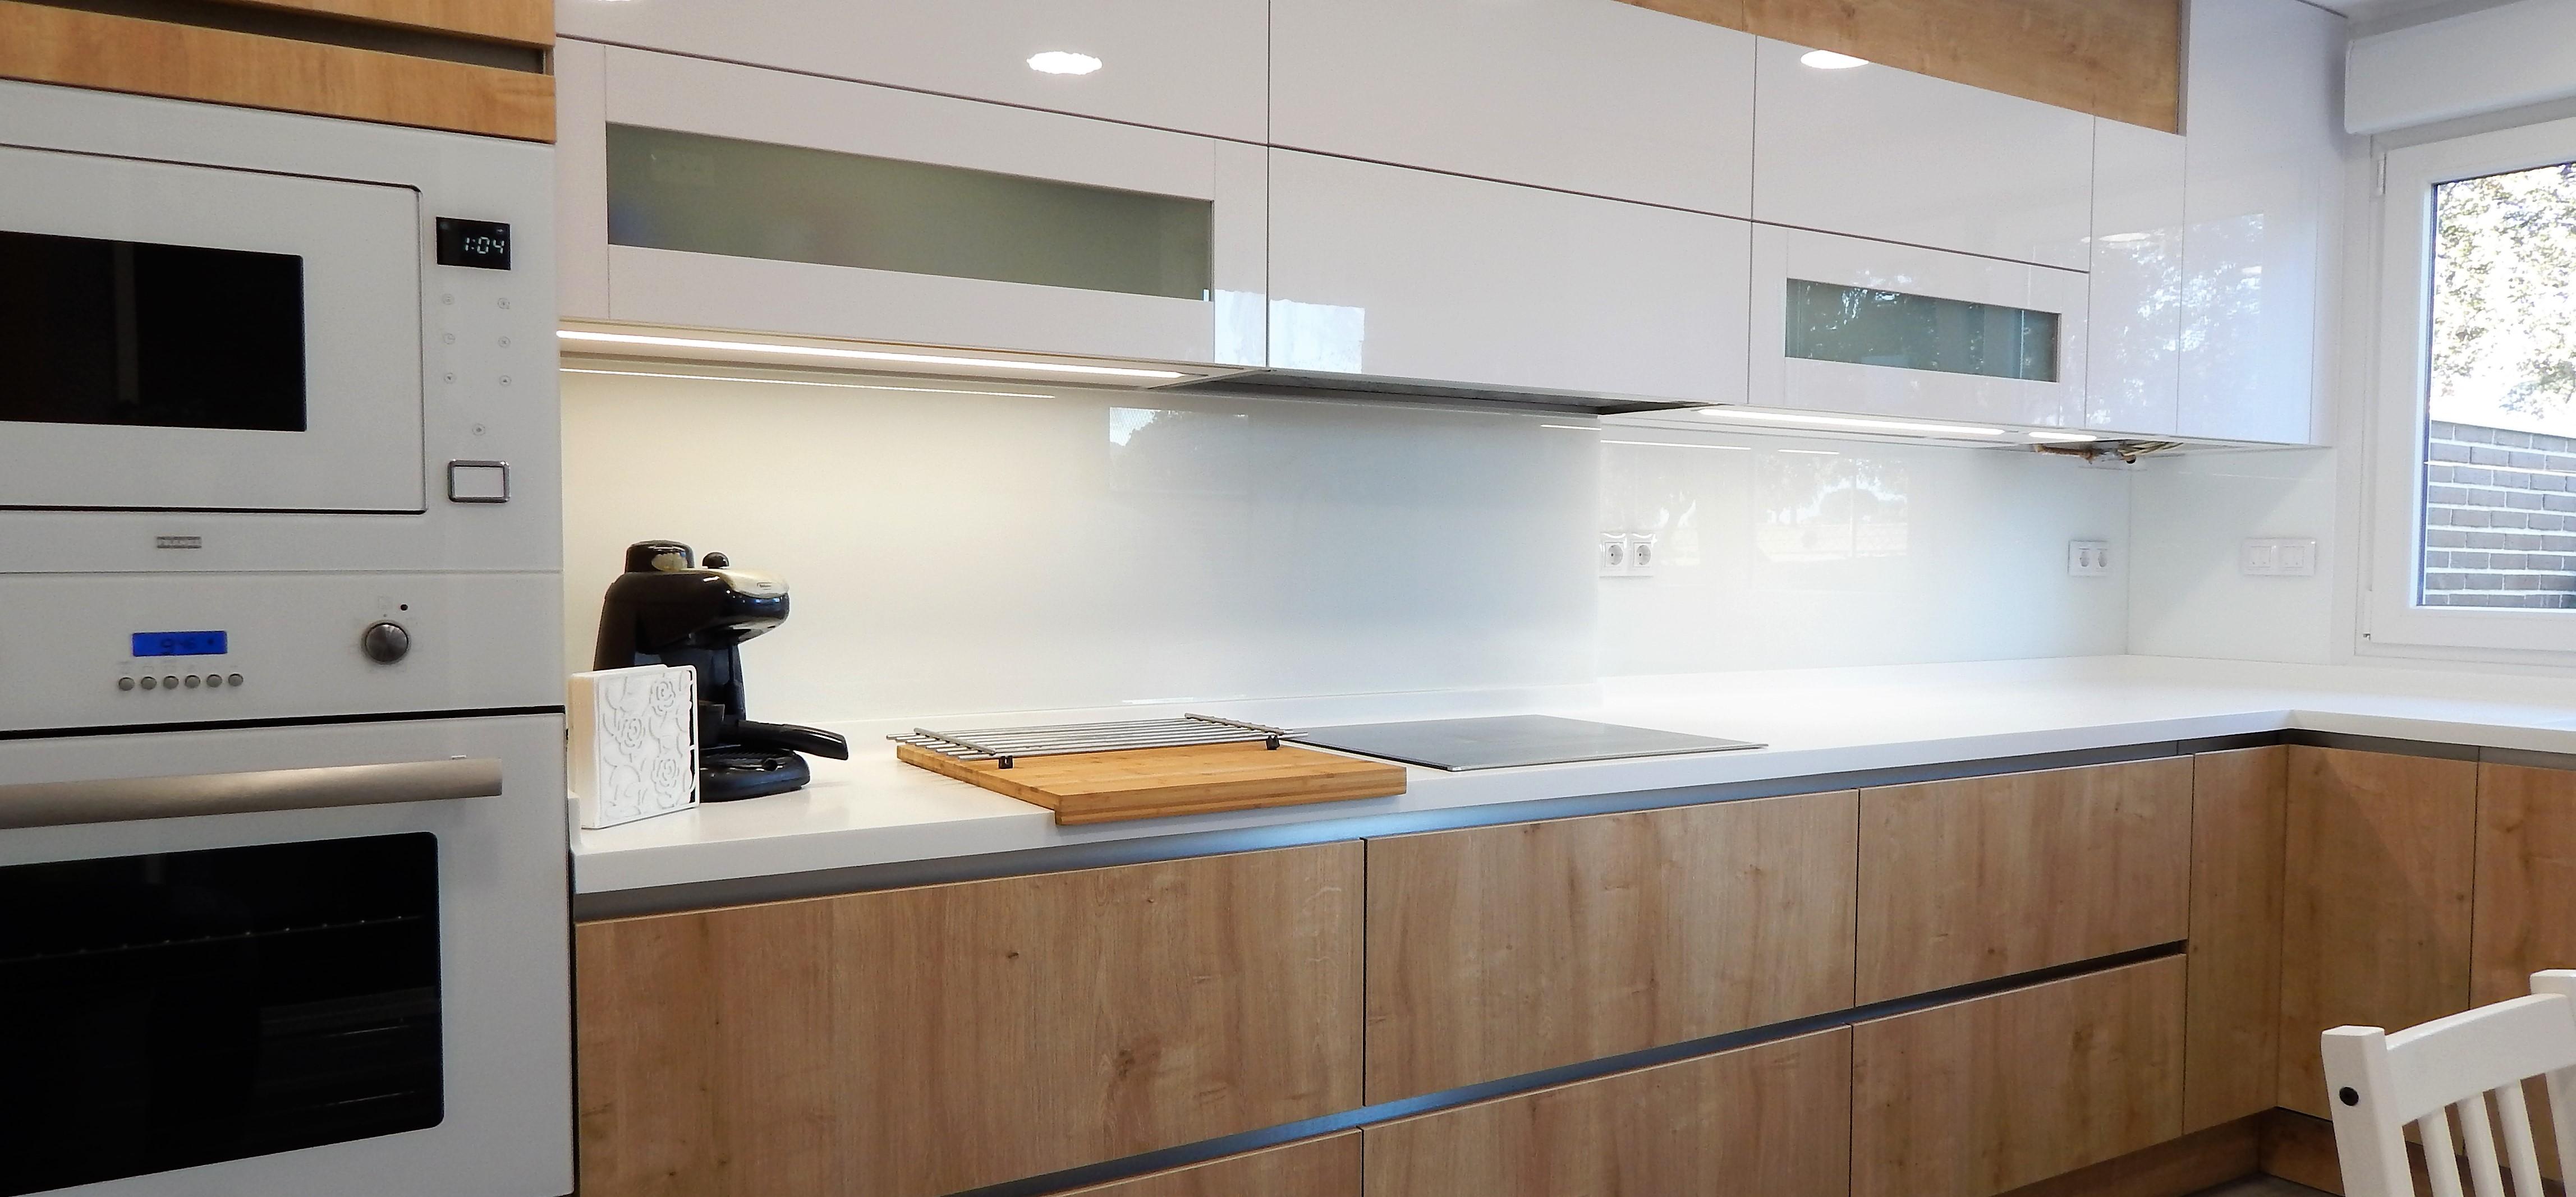 Muebles De Cocina En Madera De Roble Y Blanco Cocinasalemanas Com # Muebles De Cocina De Madera